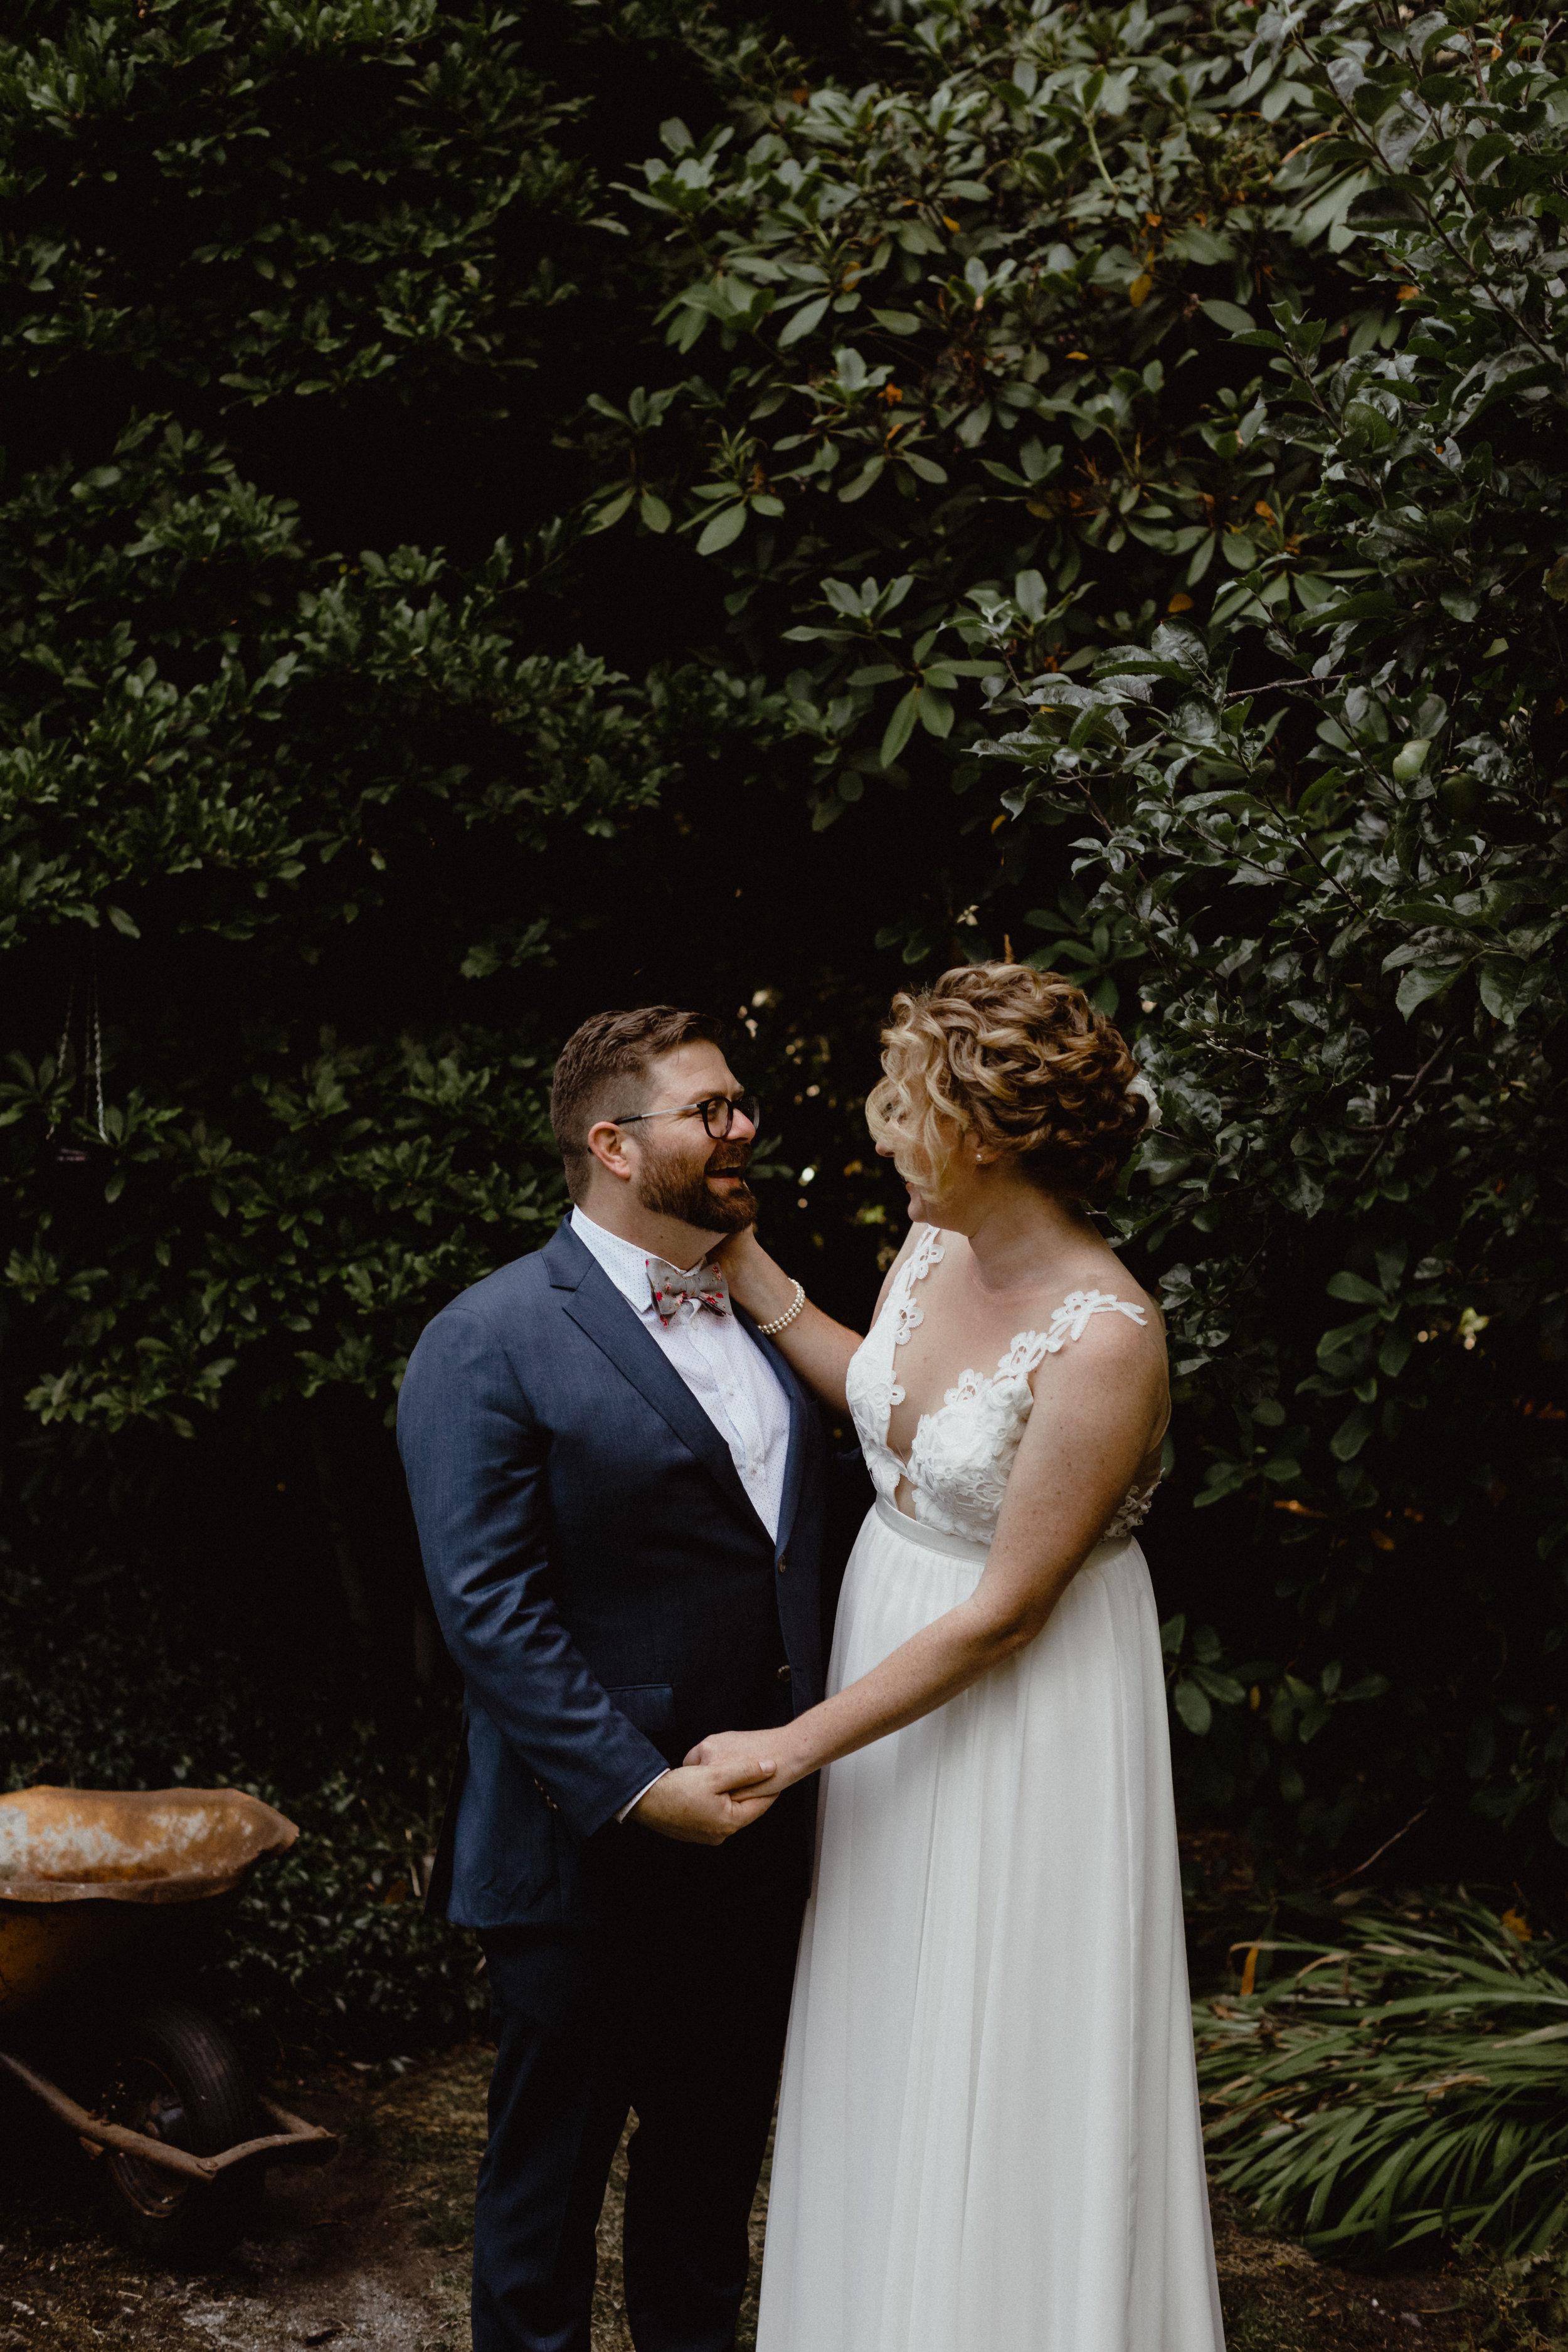 west-vancouver-backyard-wedding-177.jpg